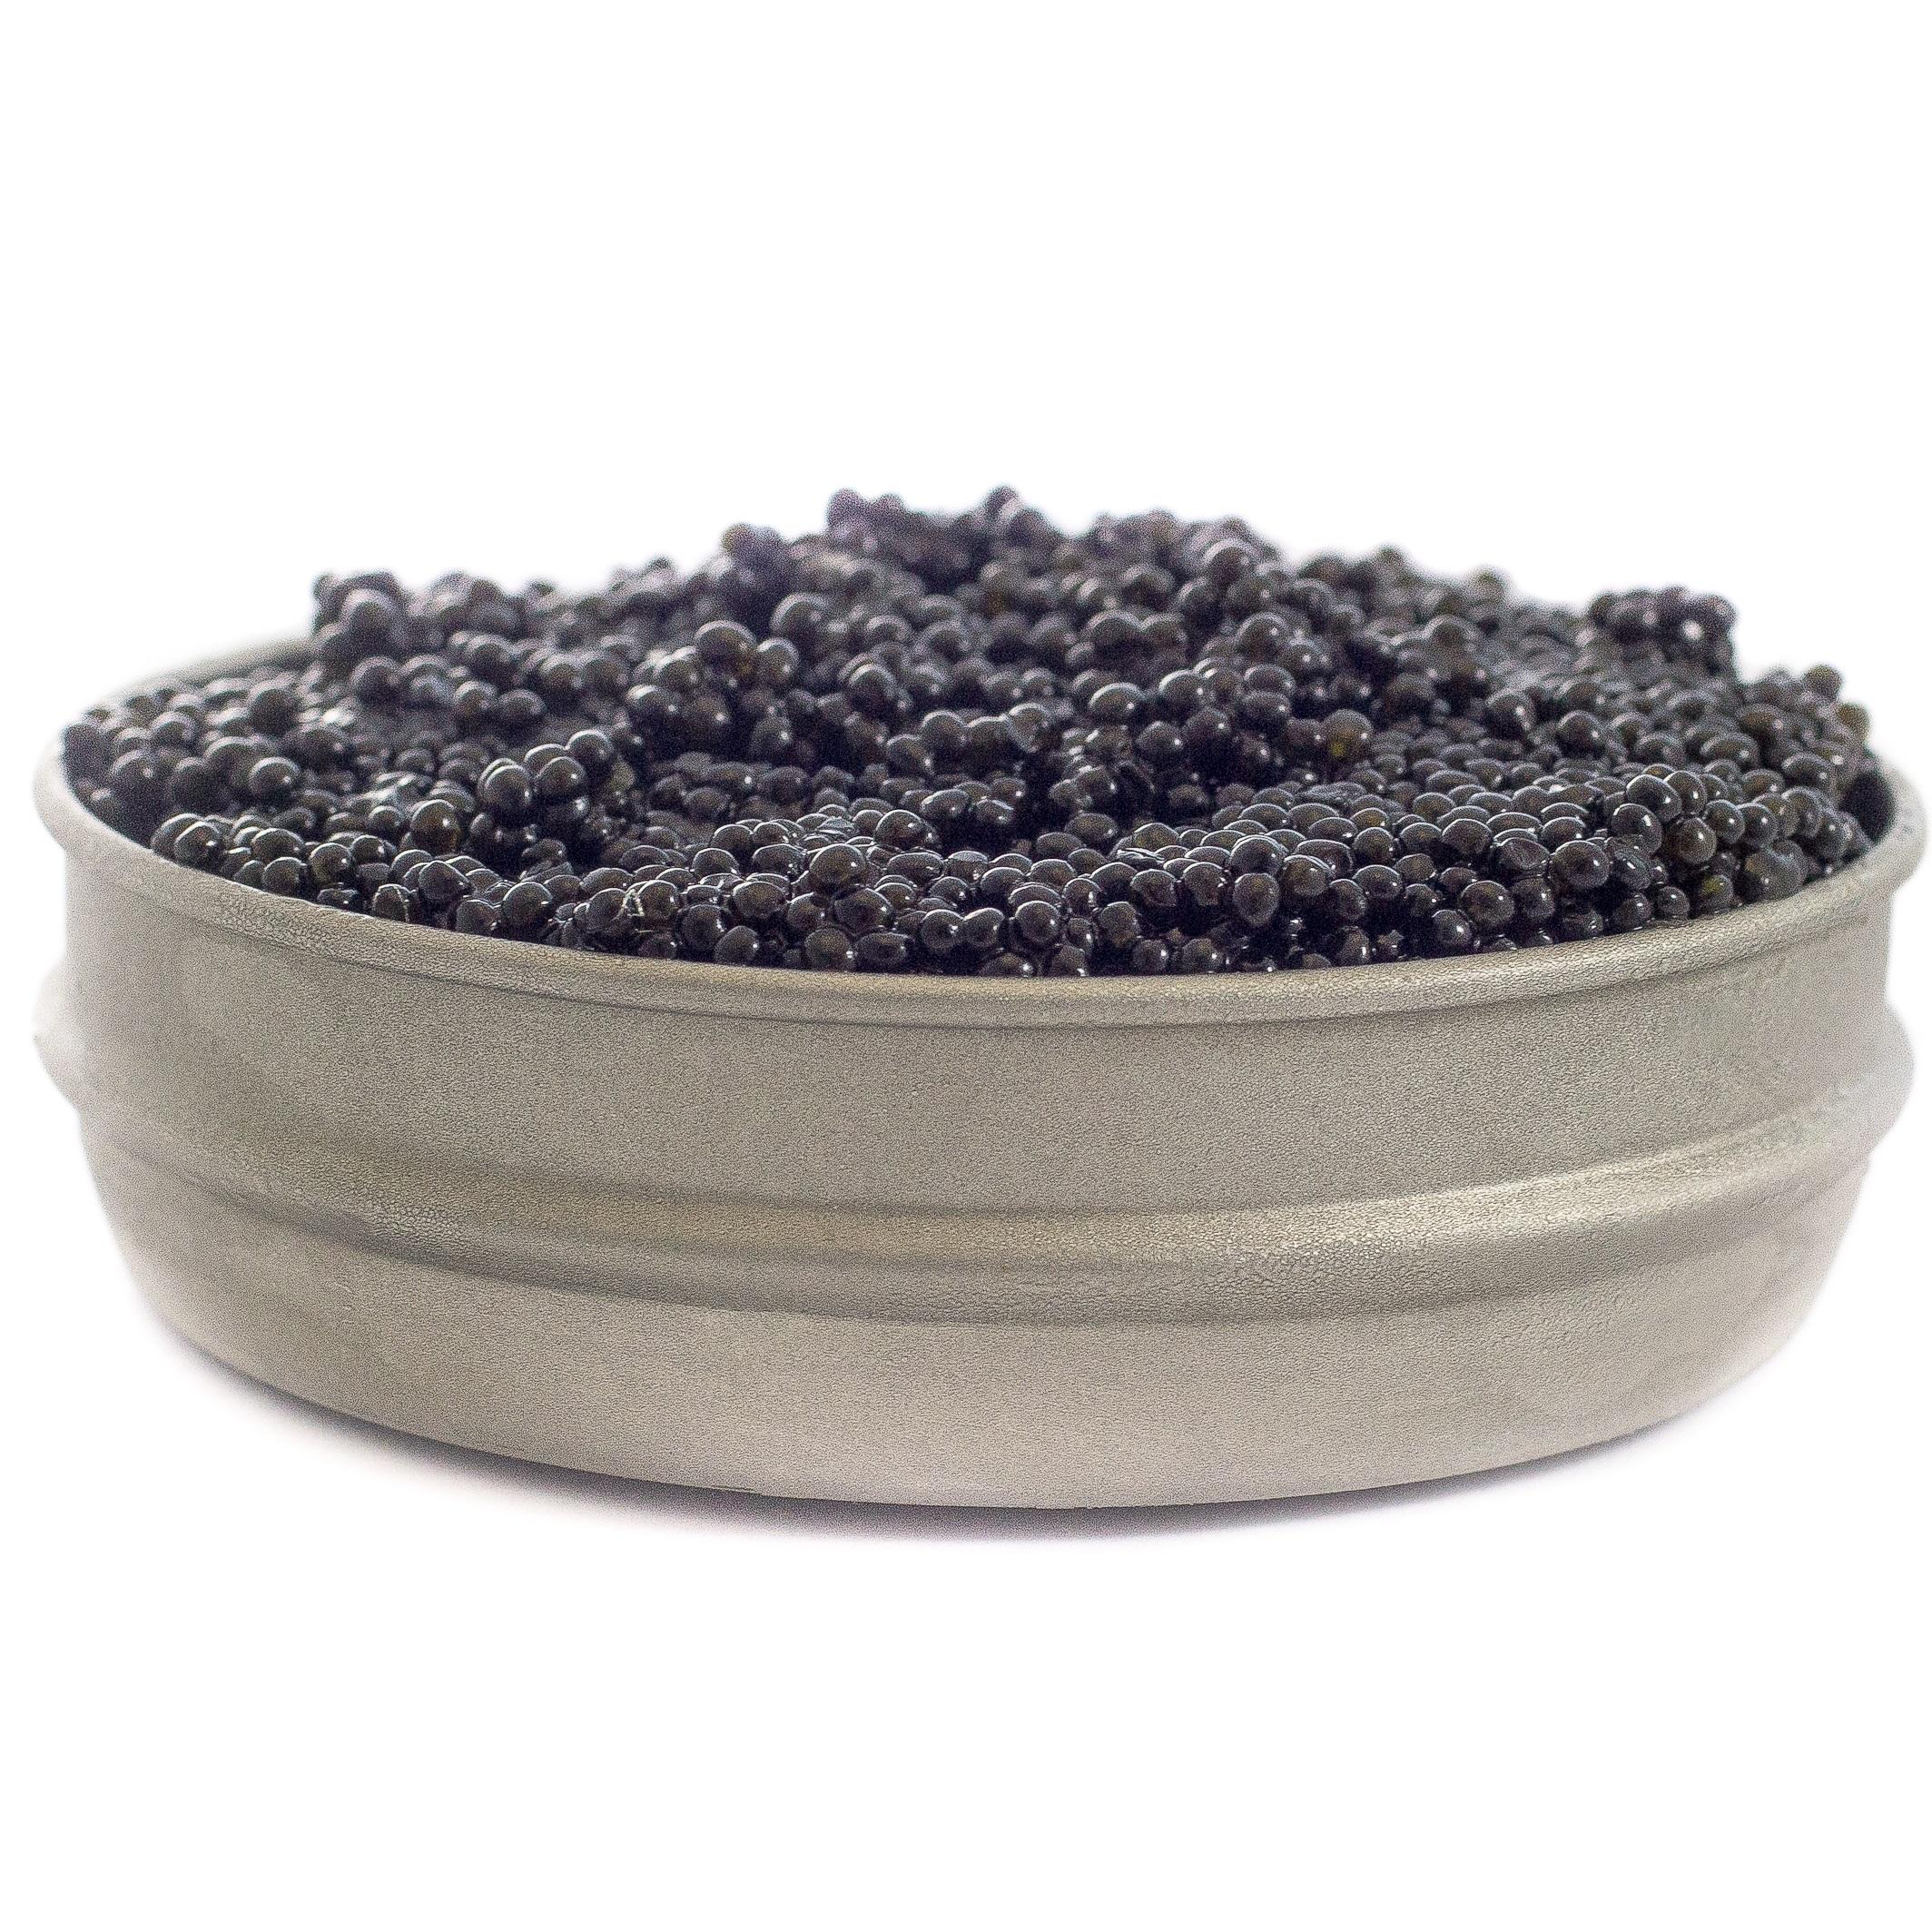 Hacklback Caviar Pearls